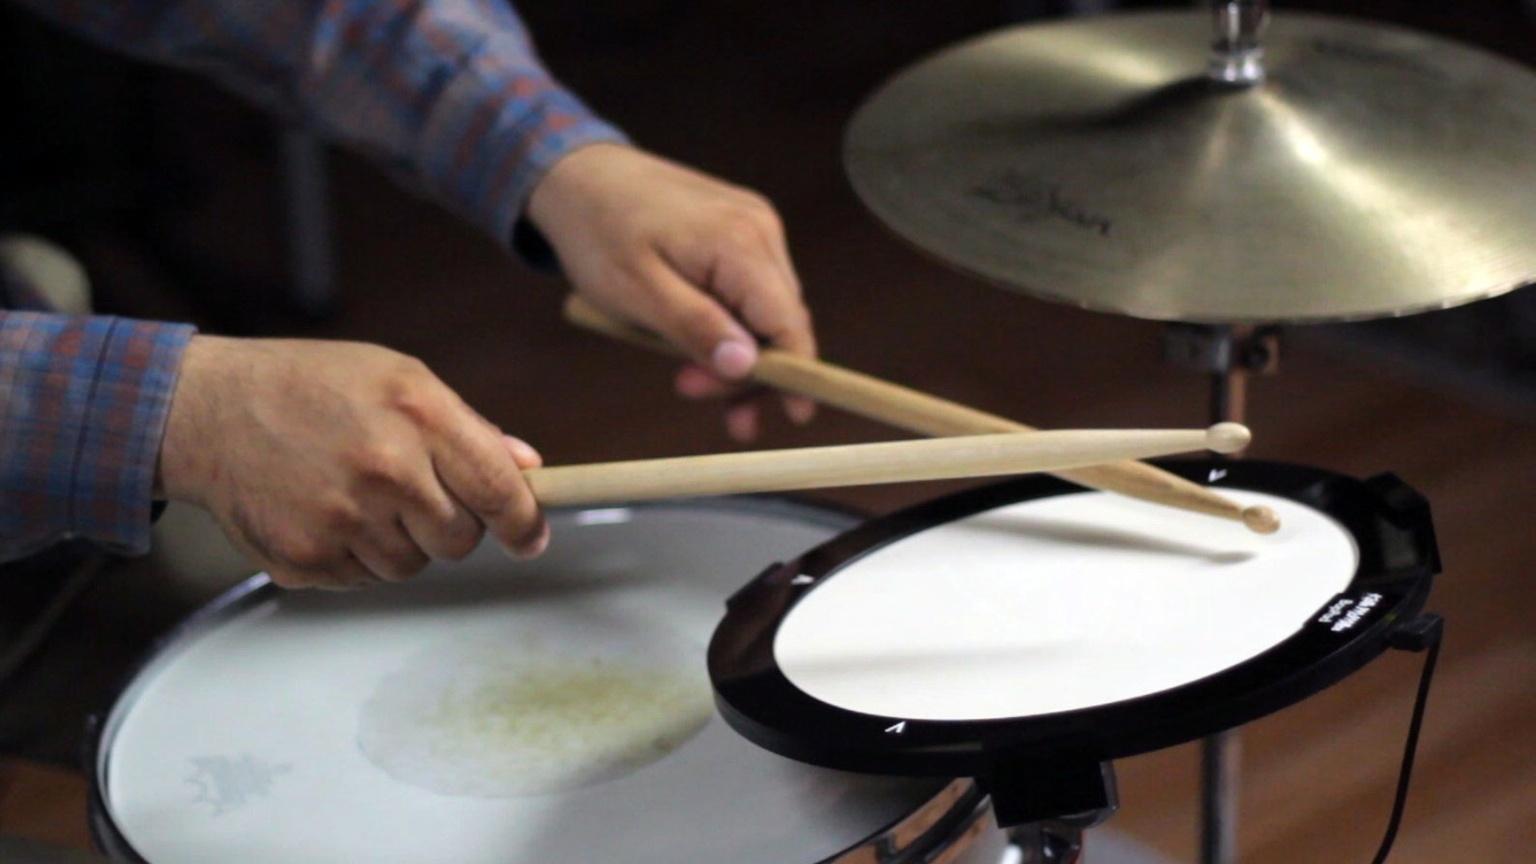 Музыкальное будущее: футуристические инструменты, которые можно купить уже сейчас - 11